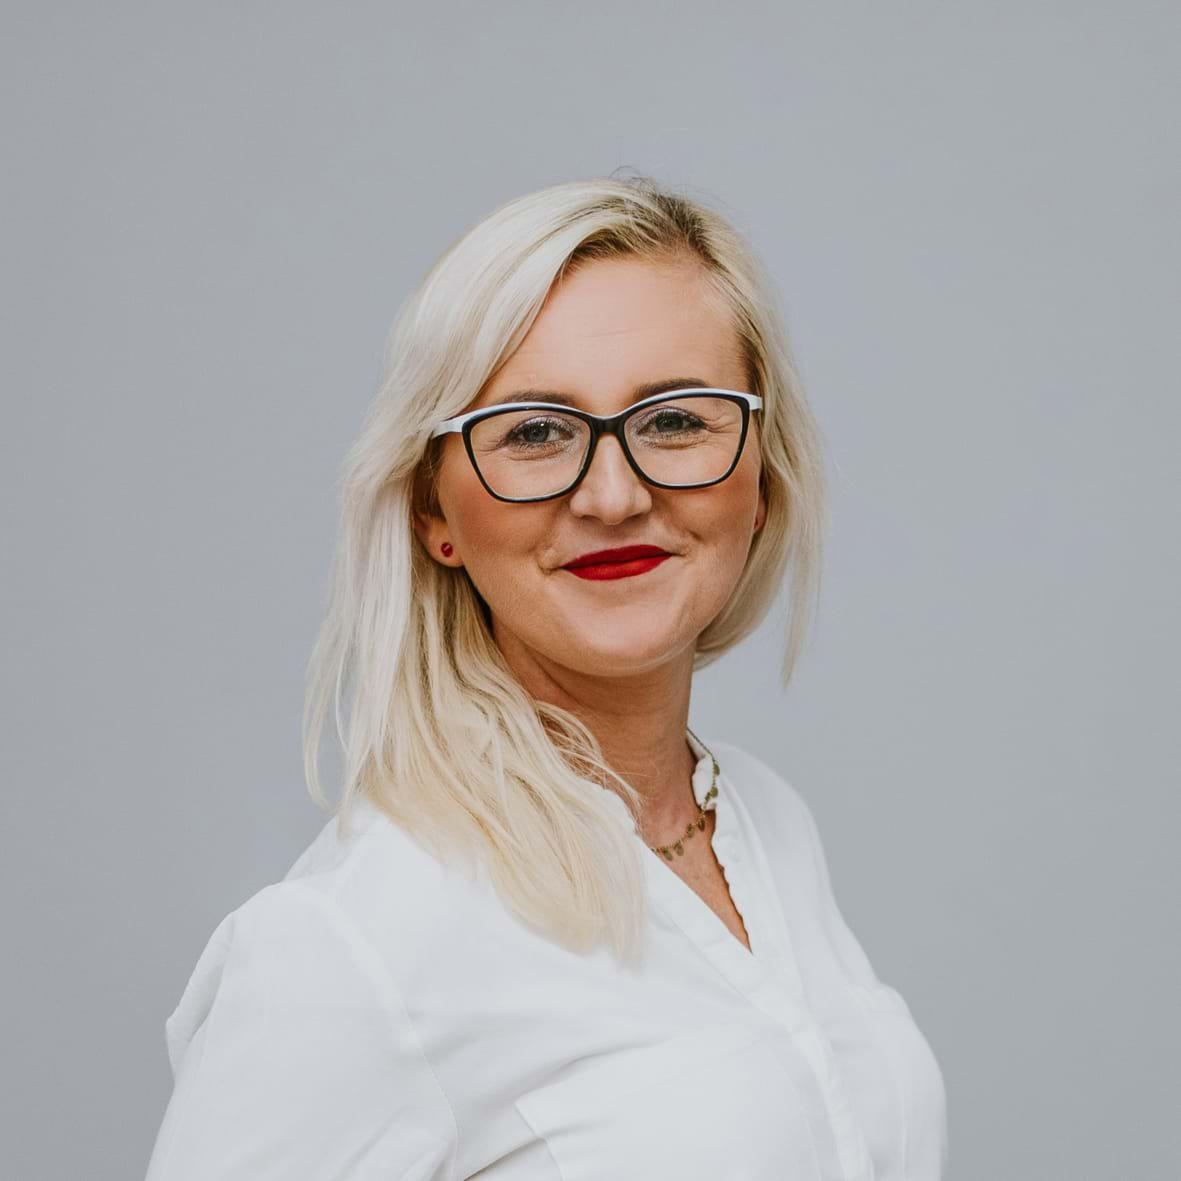 Renata Marczak